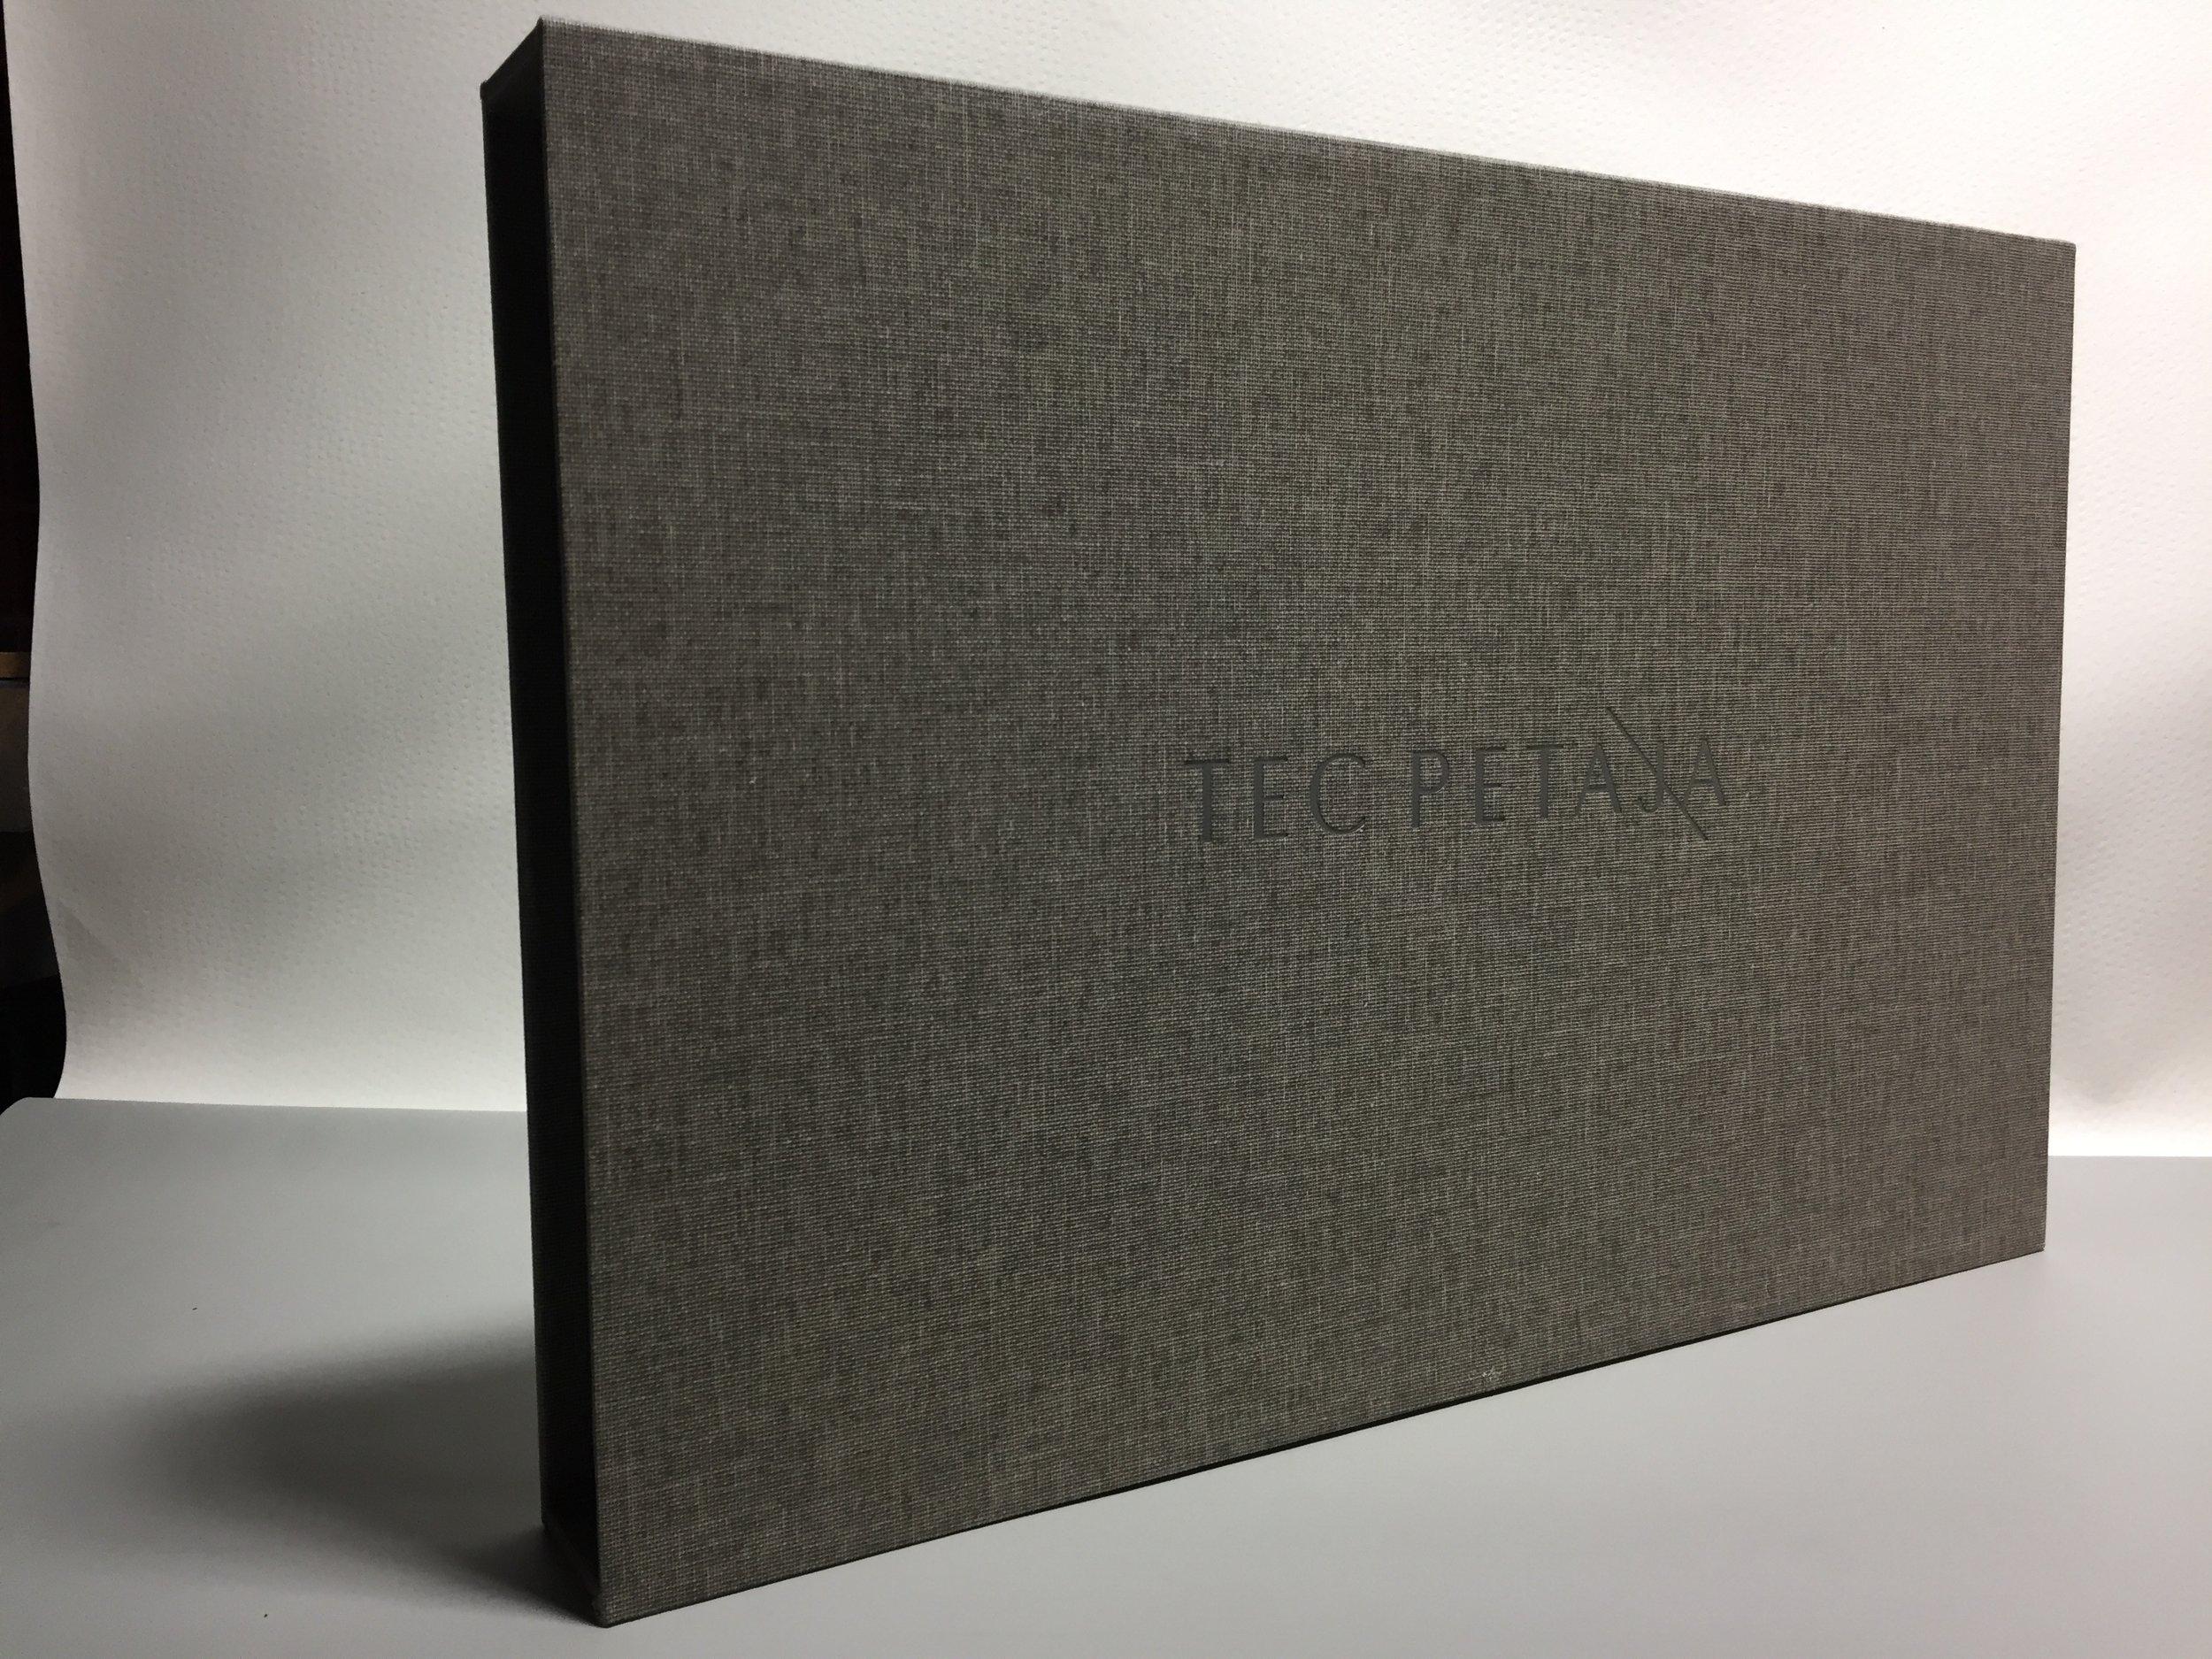 Mullenberg-Designs_Slipcase_02.JPG